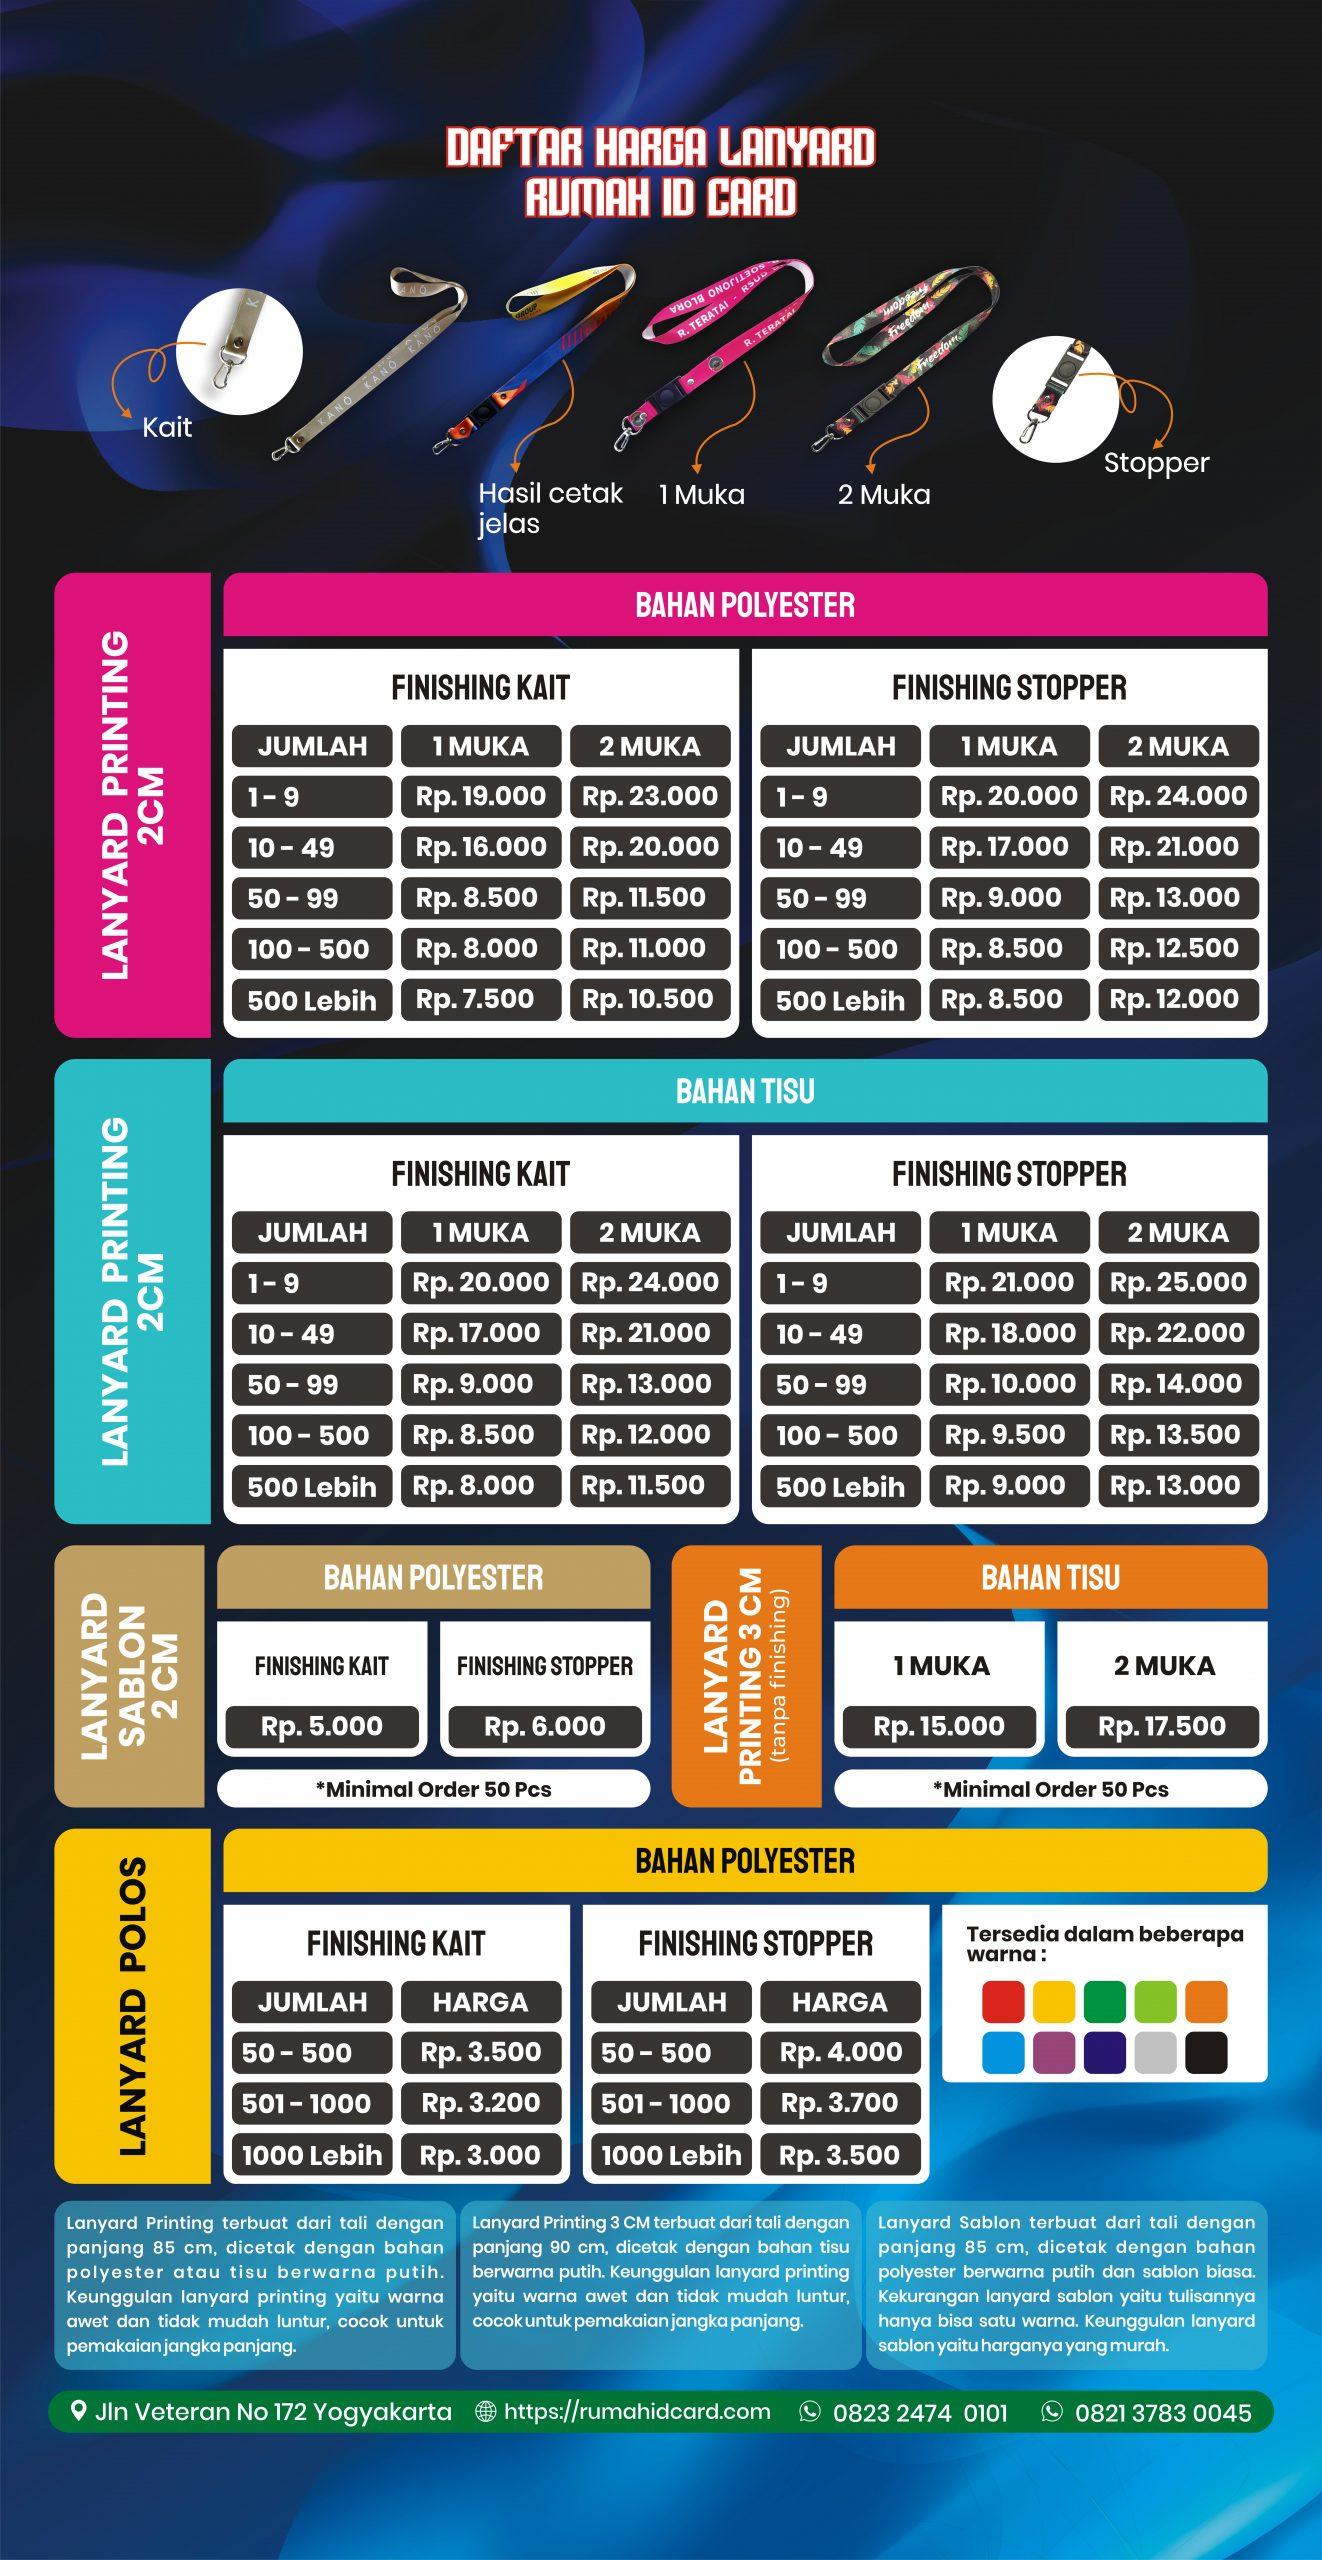 Daftar Harga Rumah ID Card 2